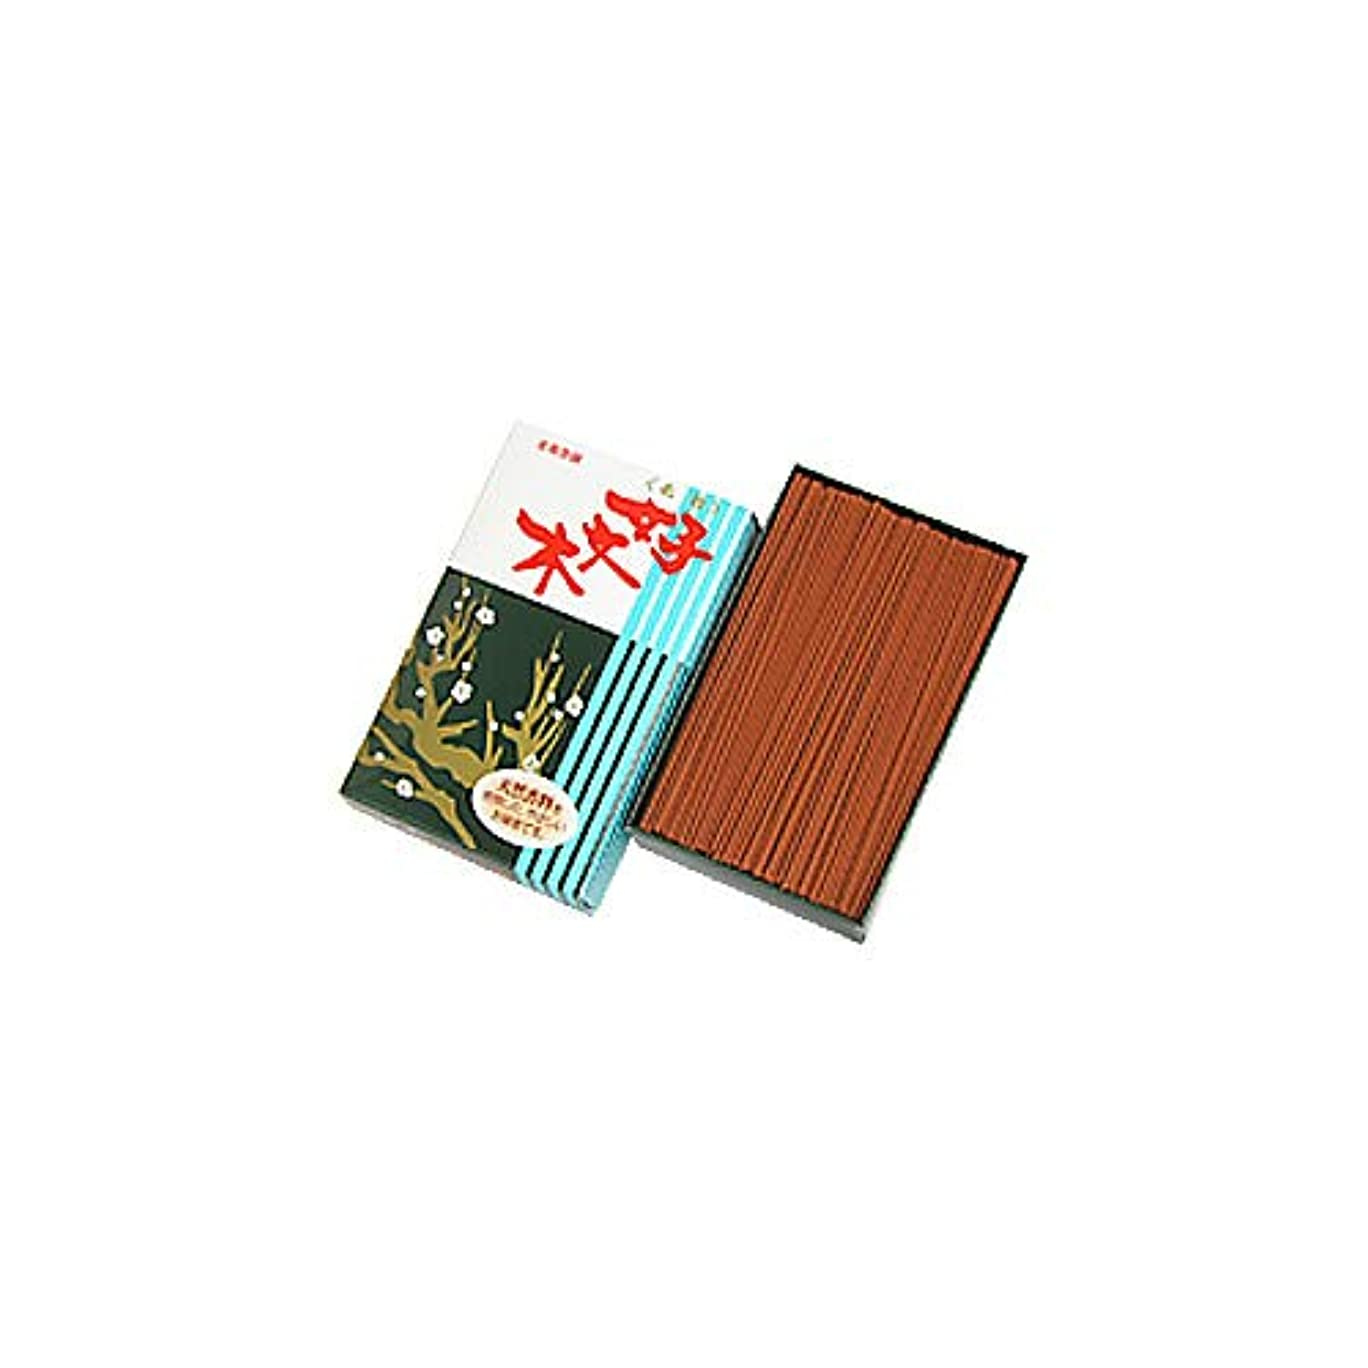 虐待電圧エトナ山家庭用線香 好文木 お徳用大型バラ詰(箱寸法15×9.5×4cm)◆さわやかな白檀の香りのお線香(梅栄堂)